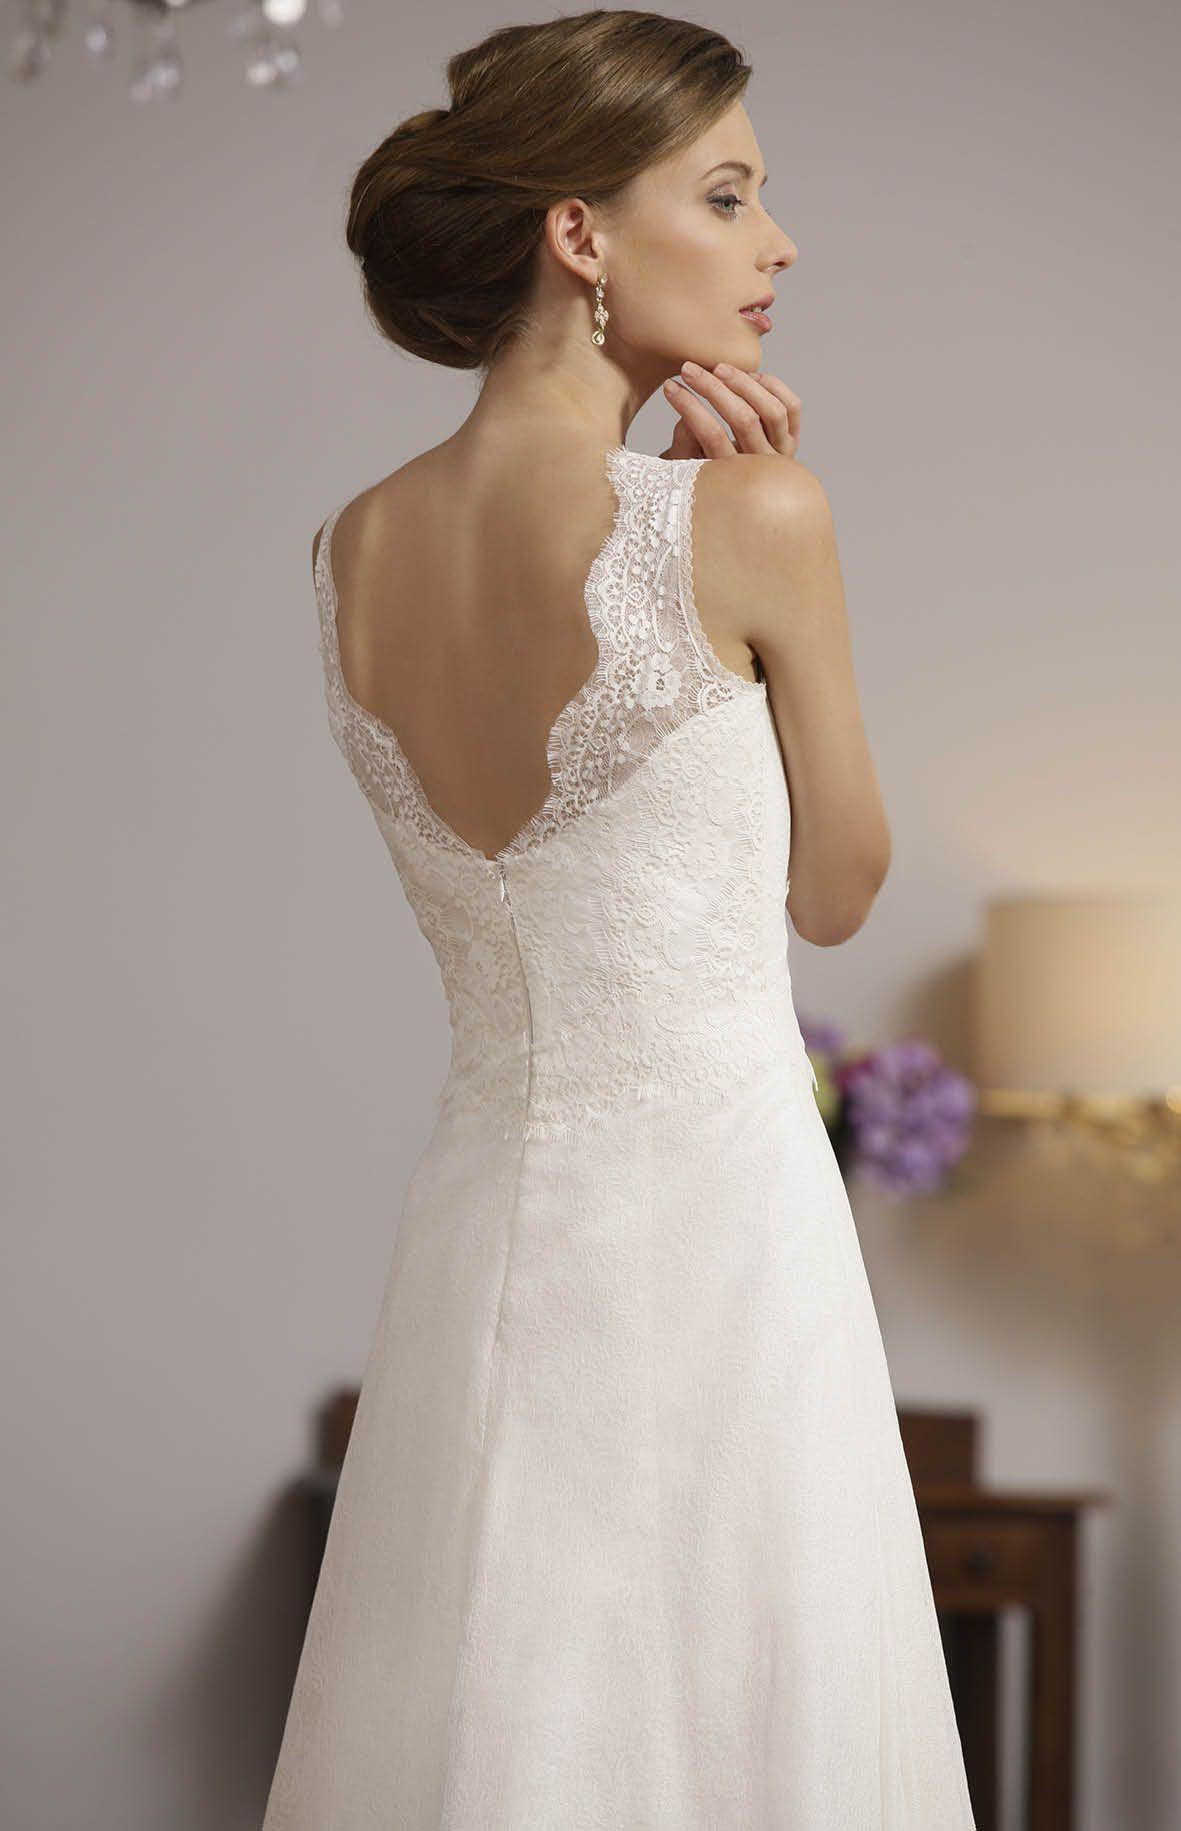 Mooiste Bruidsjurken.Trouwjurk Bruidsmode De Mooiste Bruidsjurken Wedding